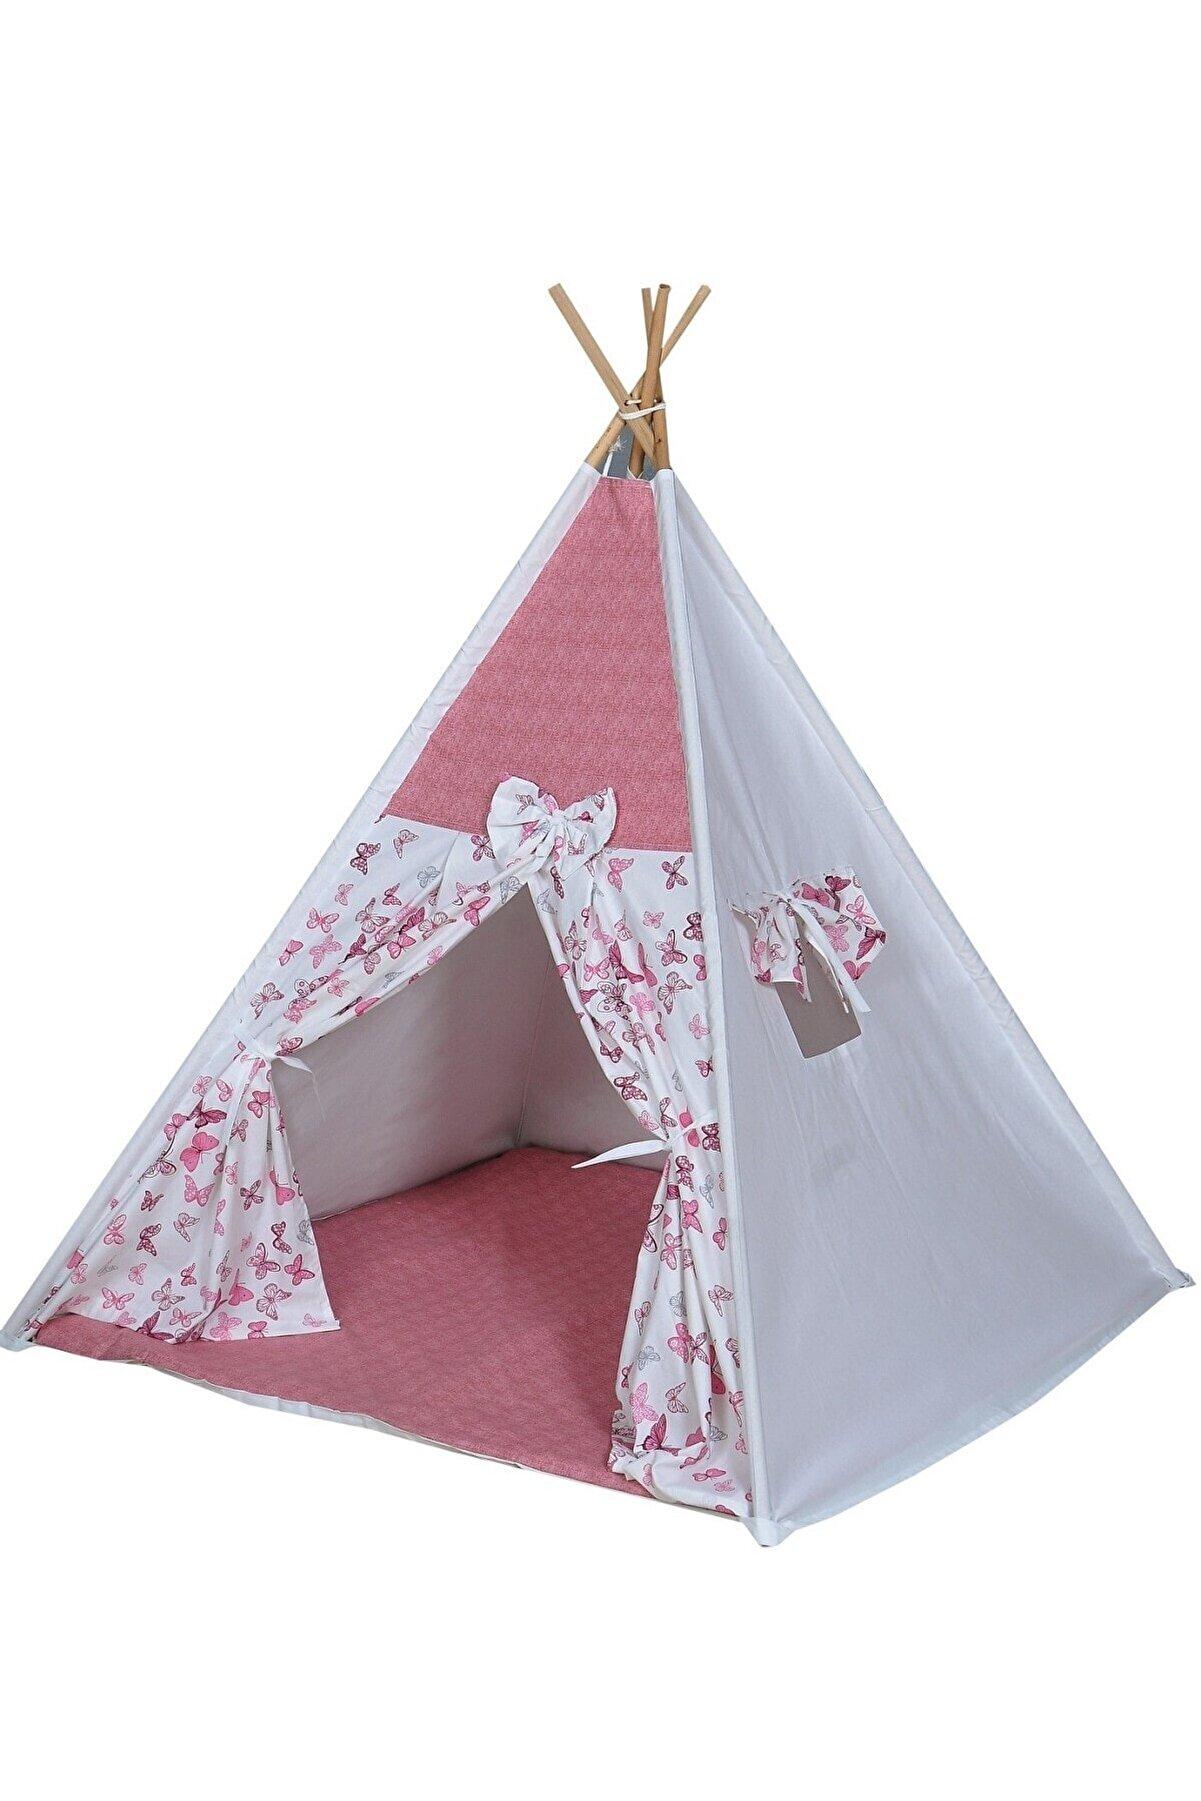 bibebe Pembe Çoçuk Kızılderili  Oyun Evi Kamp Çadırı